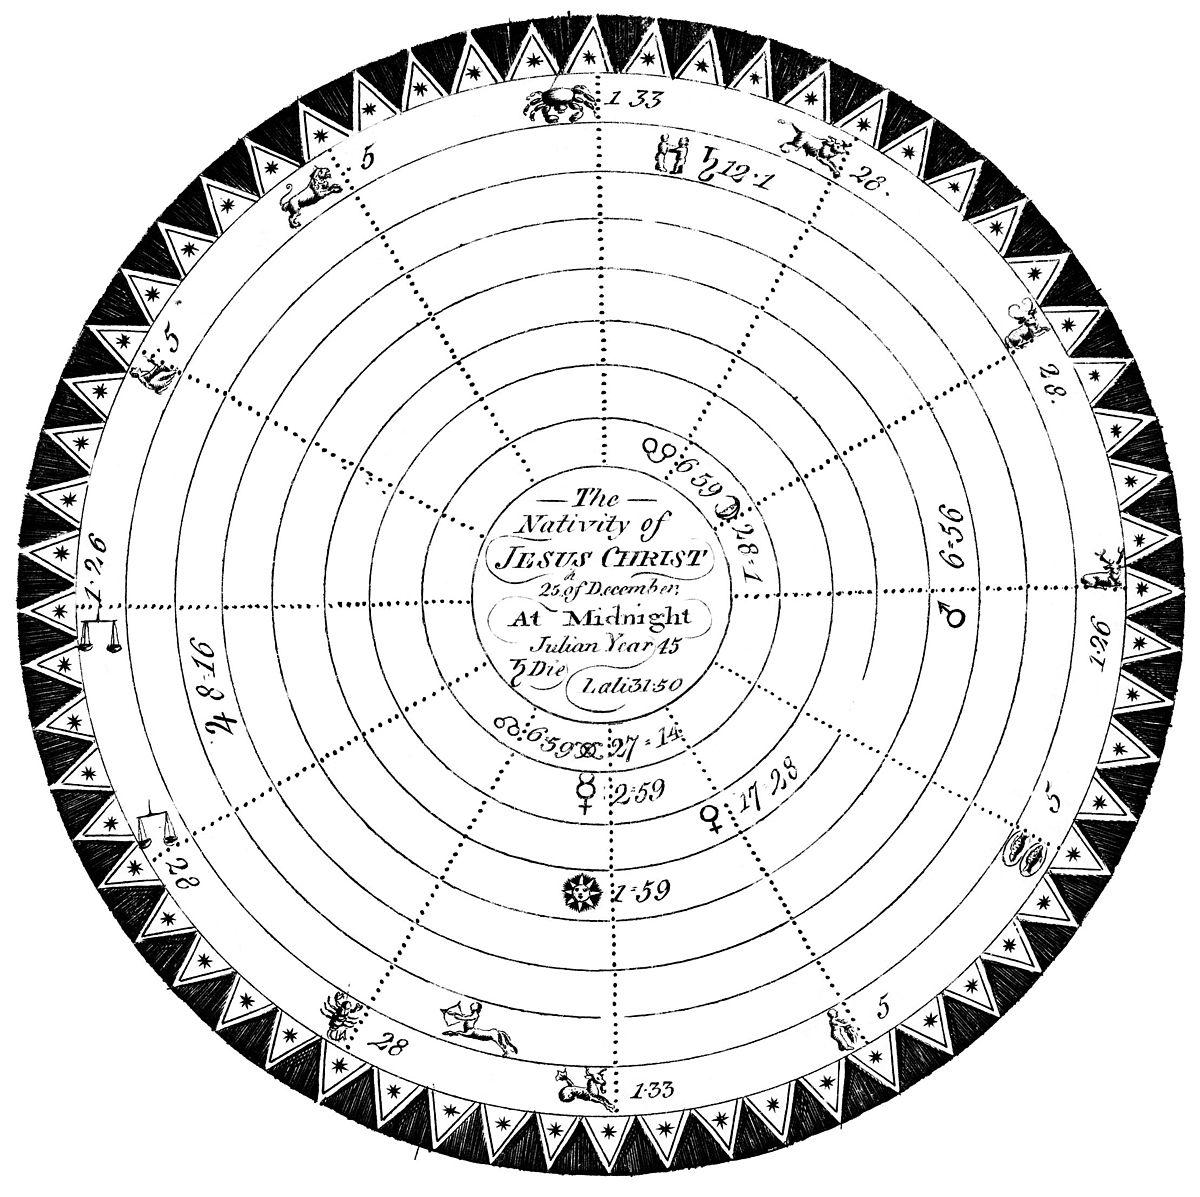 Hány csillagjegy van tulajdonképpen, 12 vagy 13, esetleg 14?